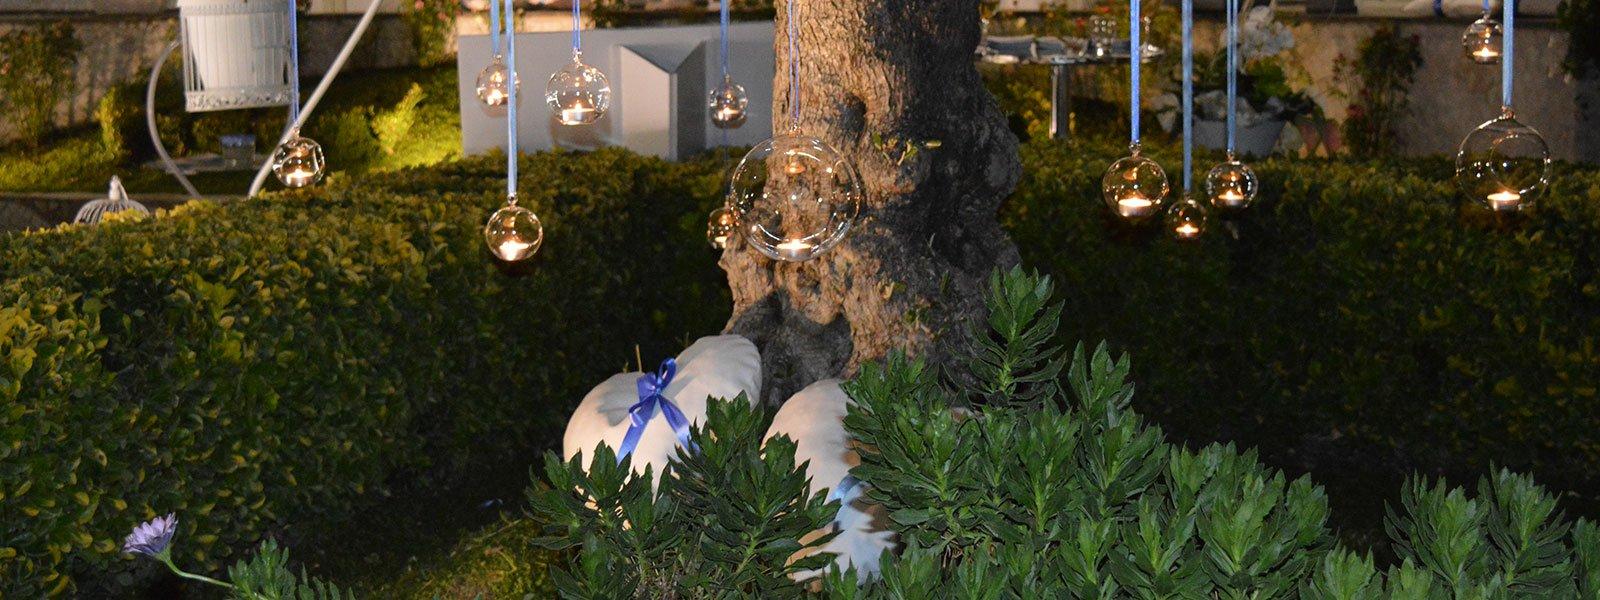 Un albero con porta lumini di vetro appesi durante una serata